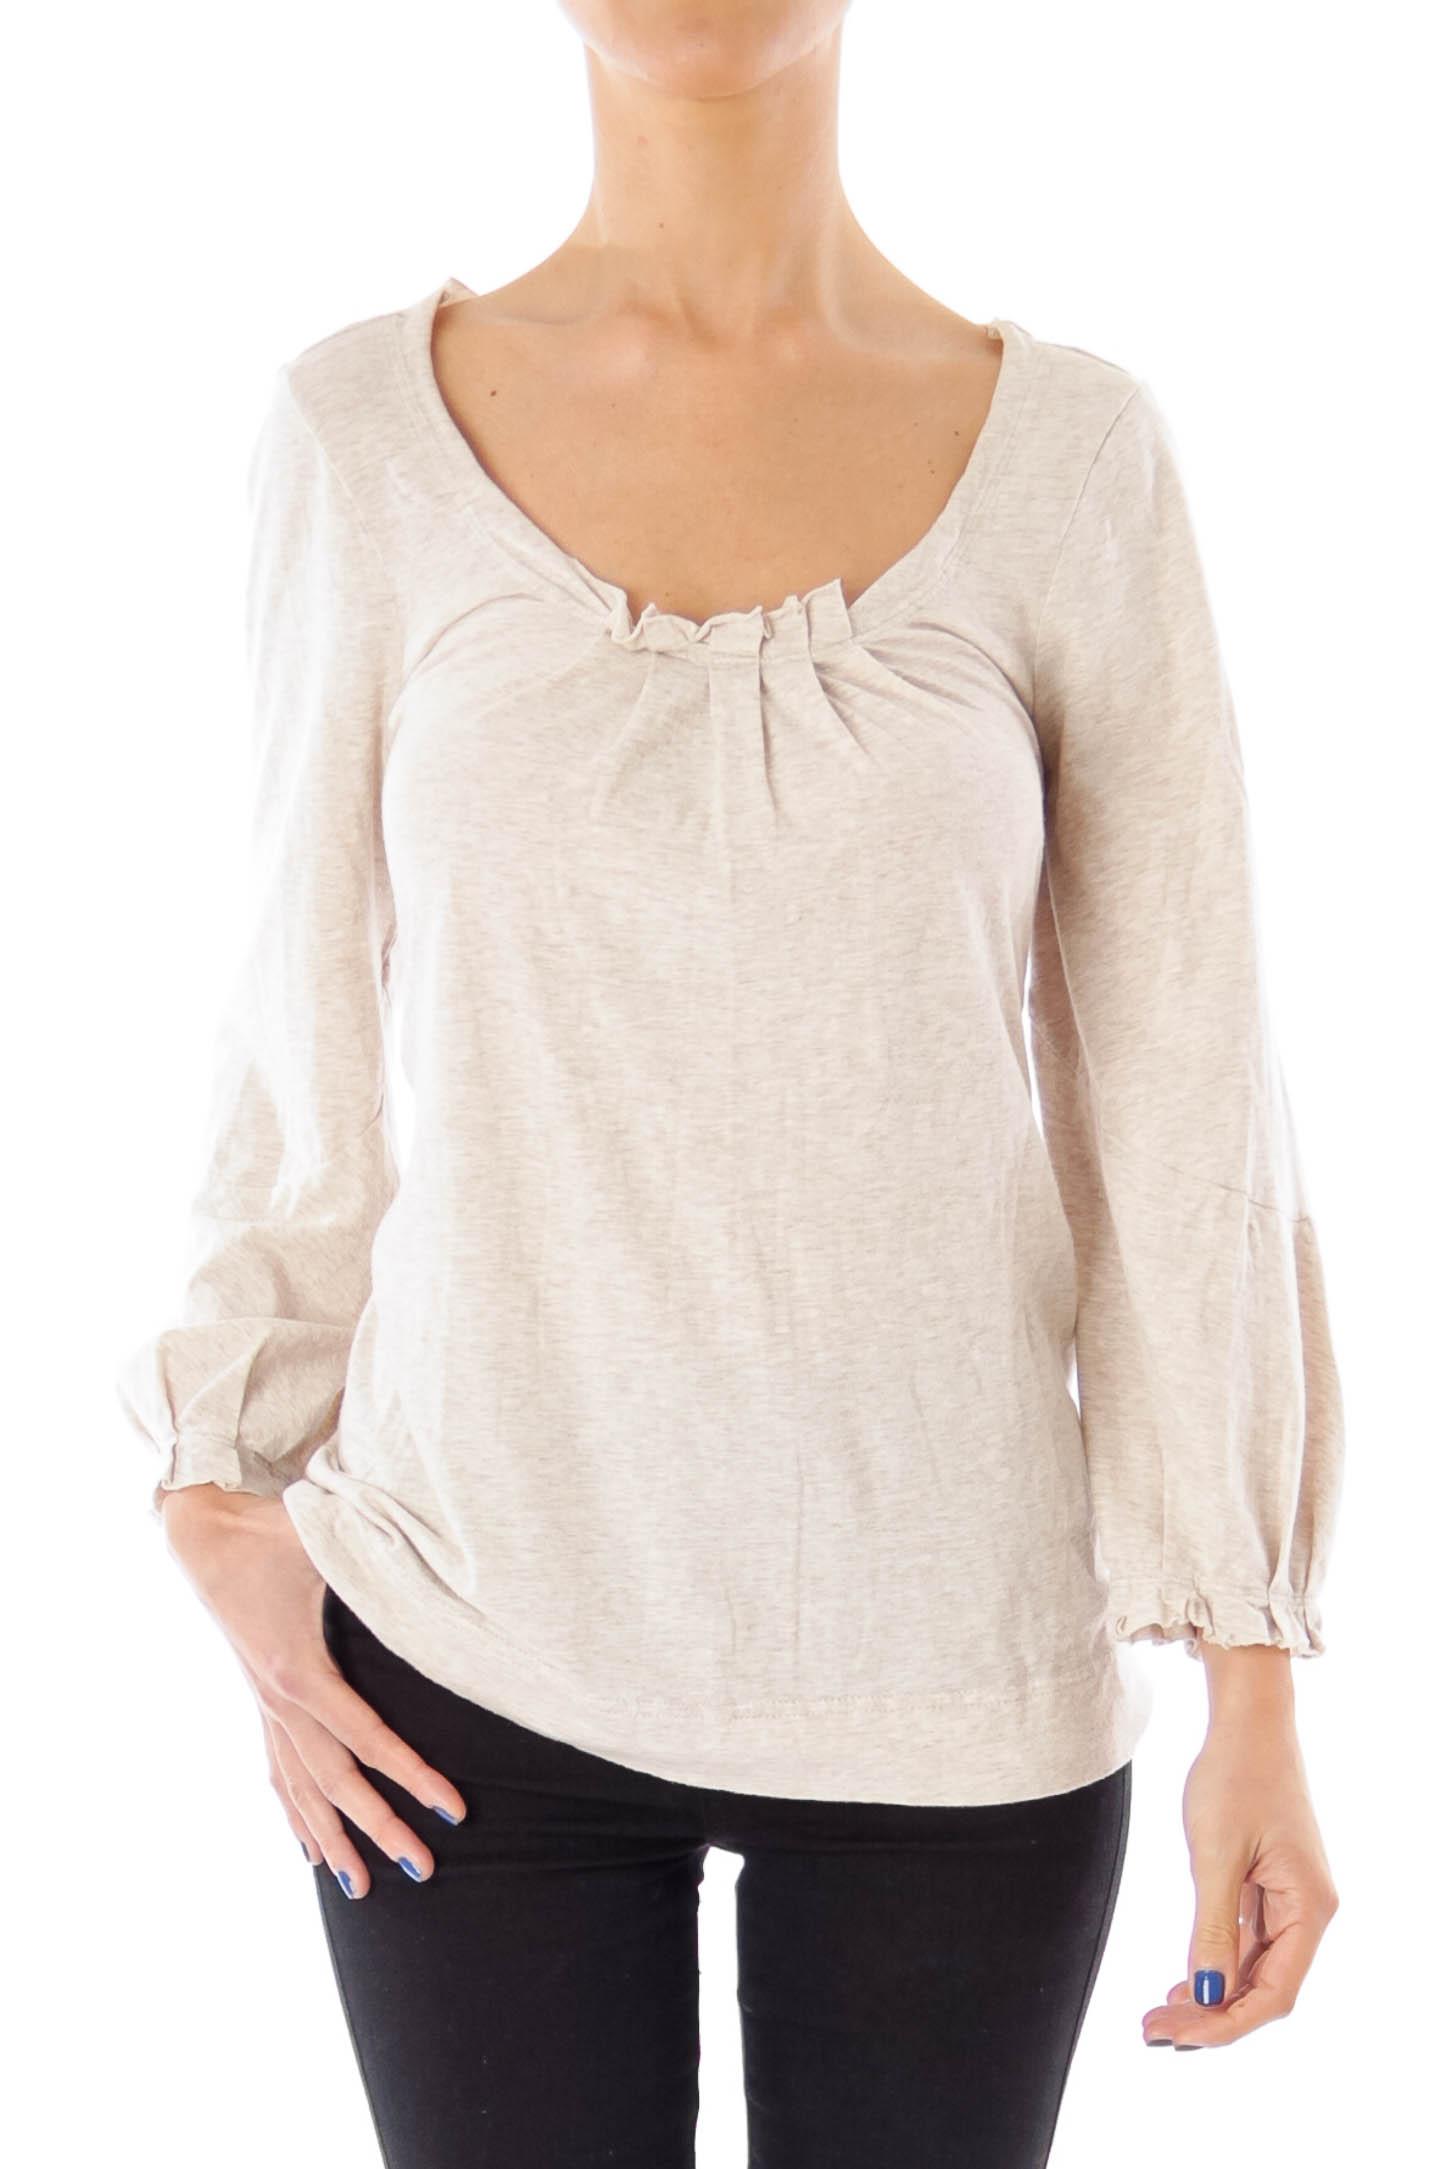 Beige Round Neck Cotton Top